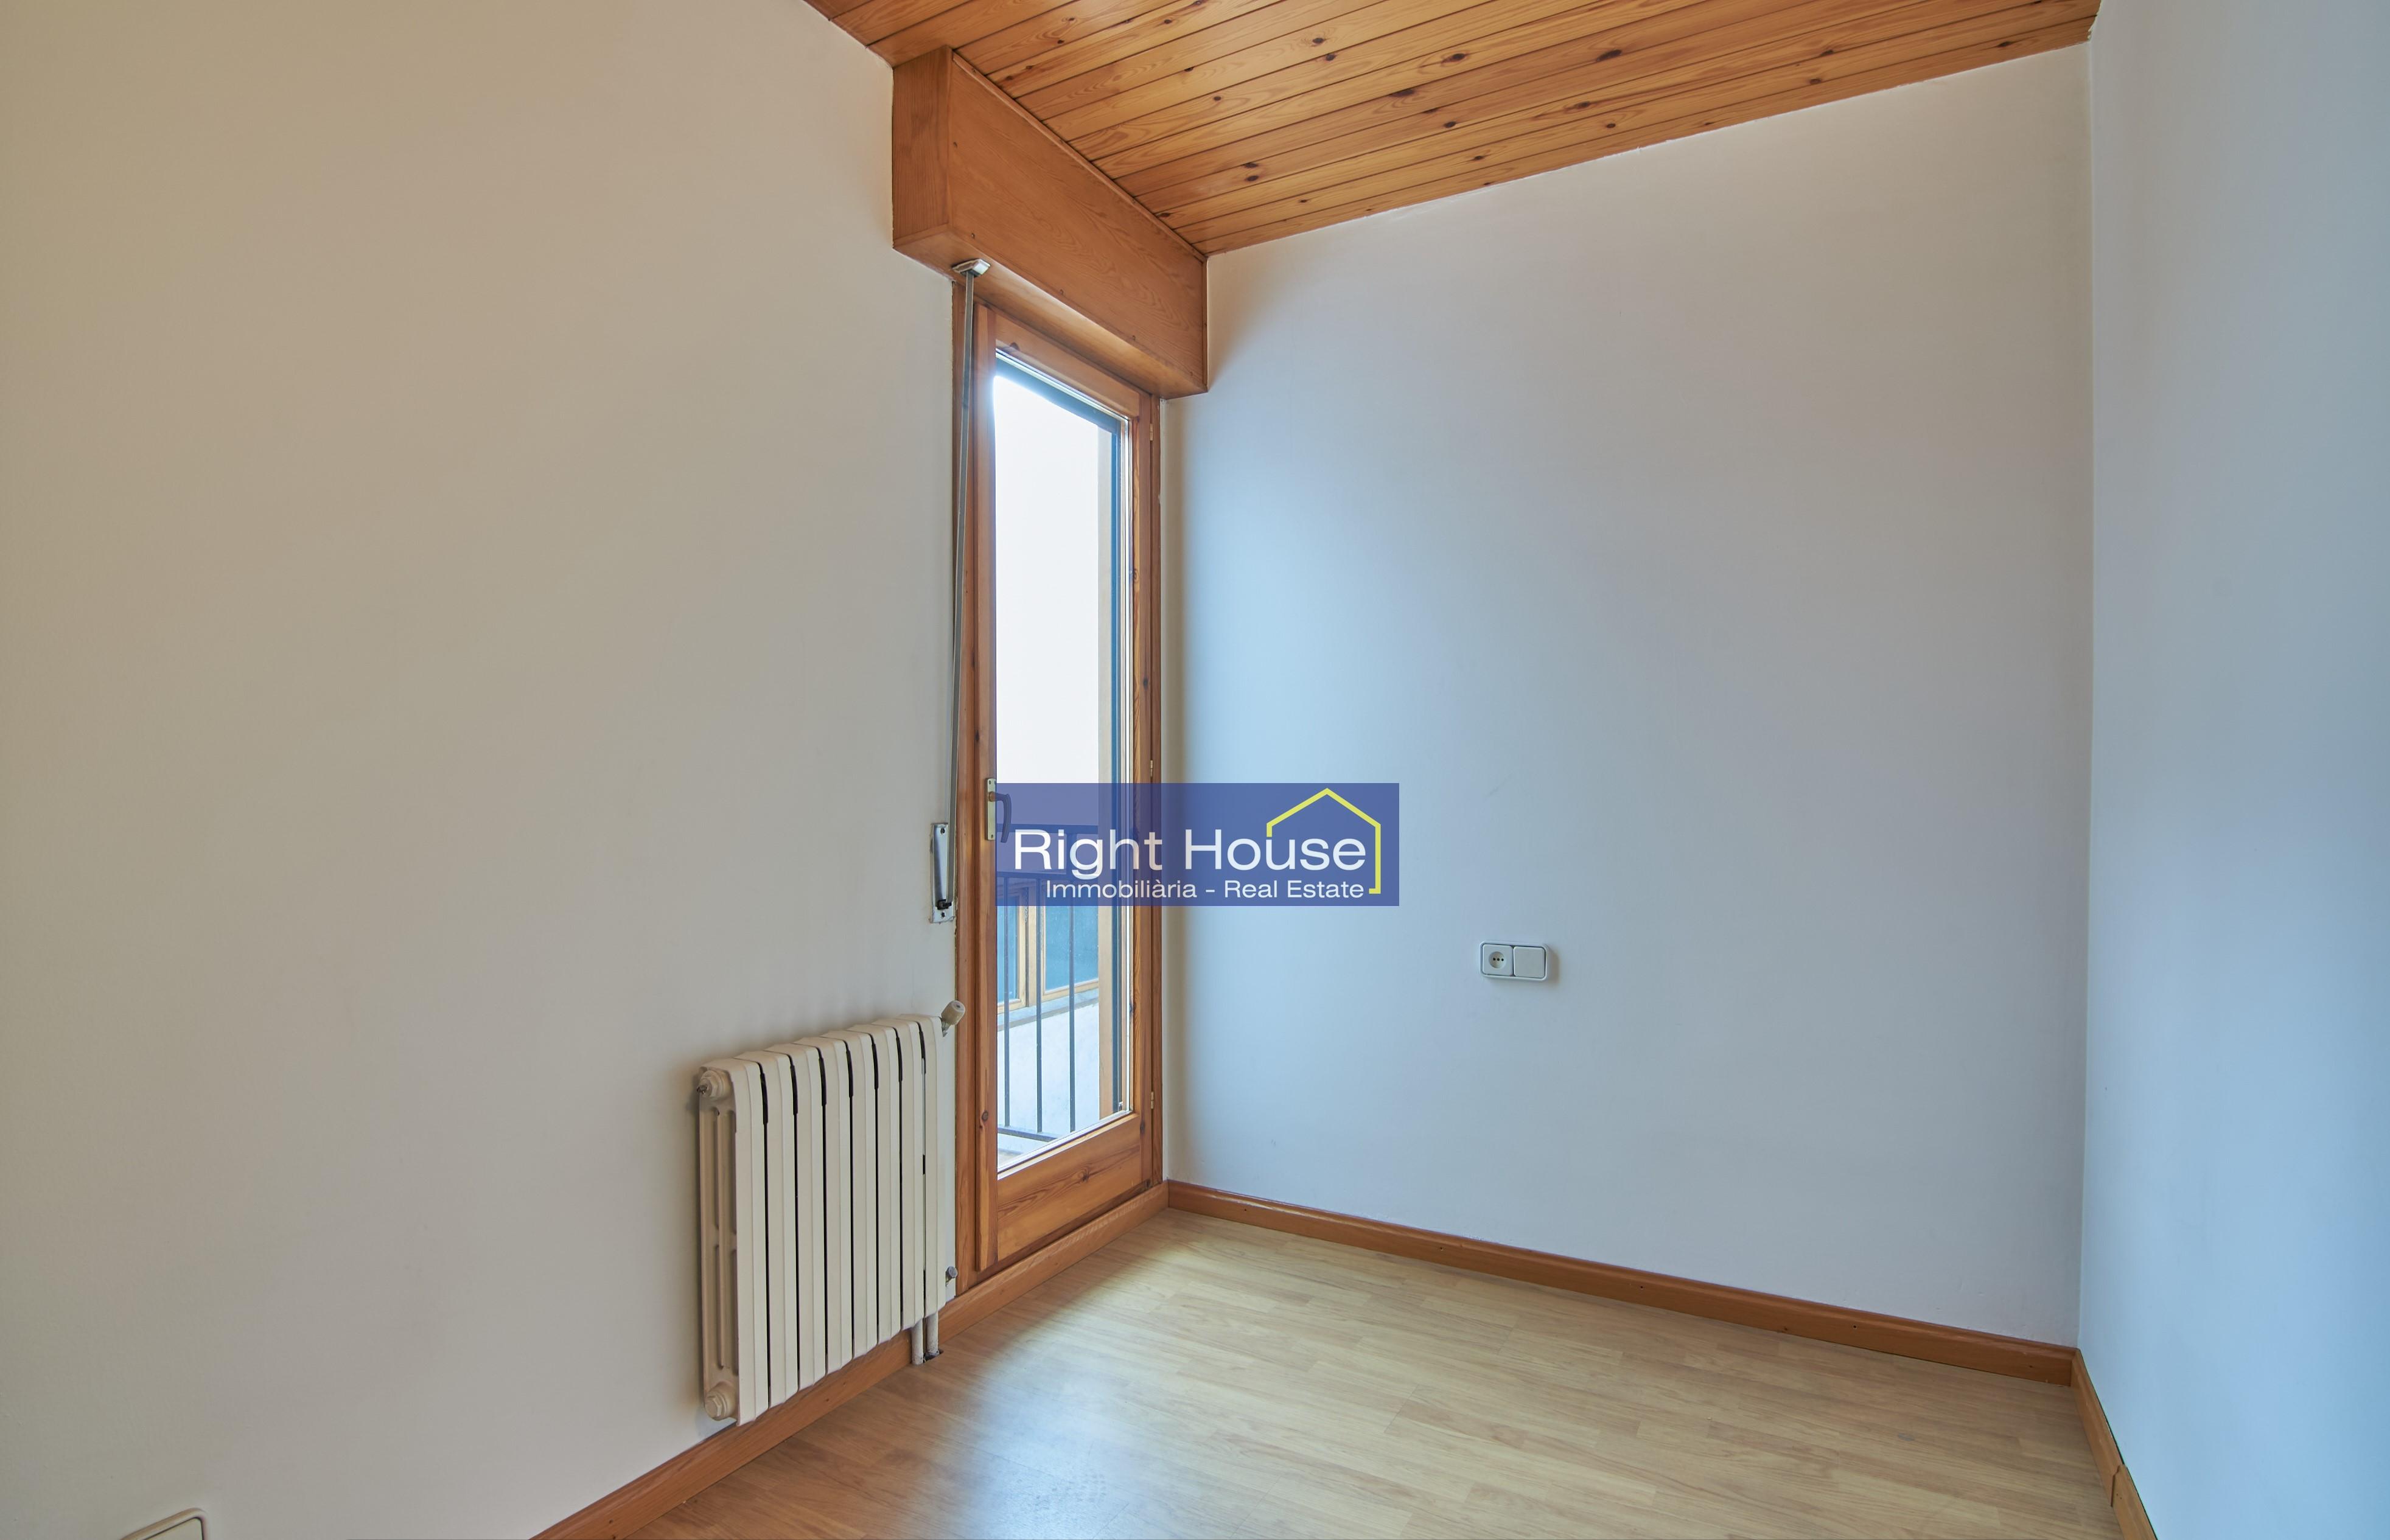 Àtic en venda a Andorra la Vella, 4 habitacions, 127 metres